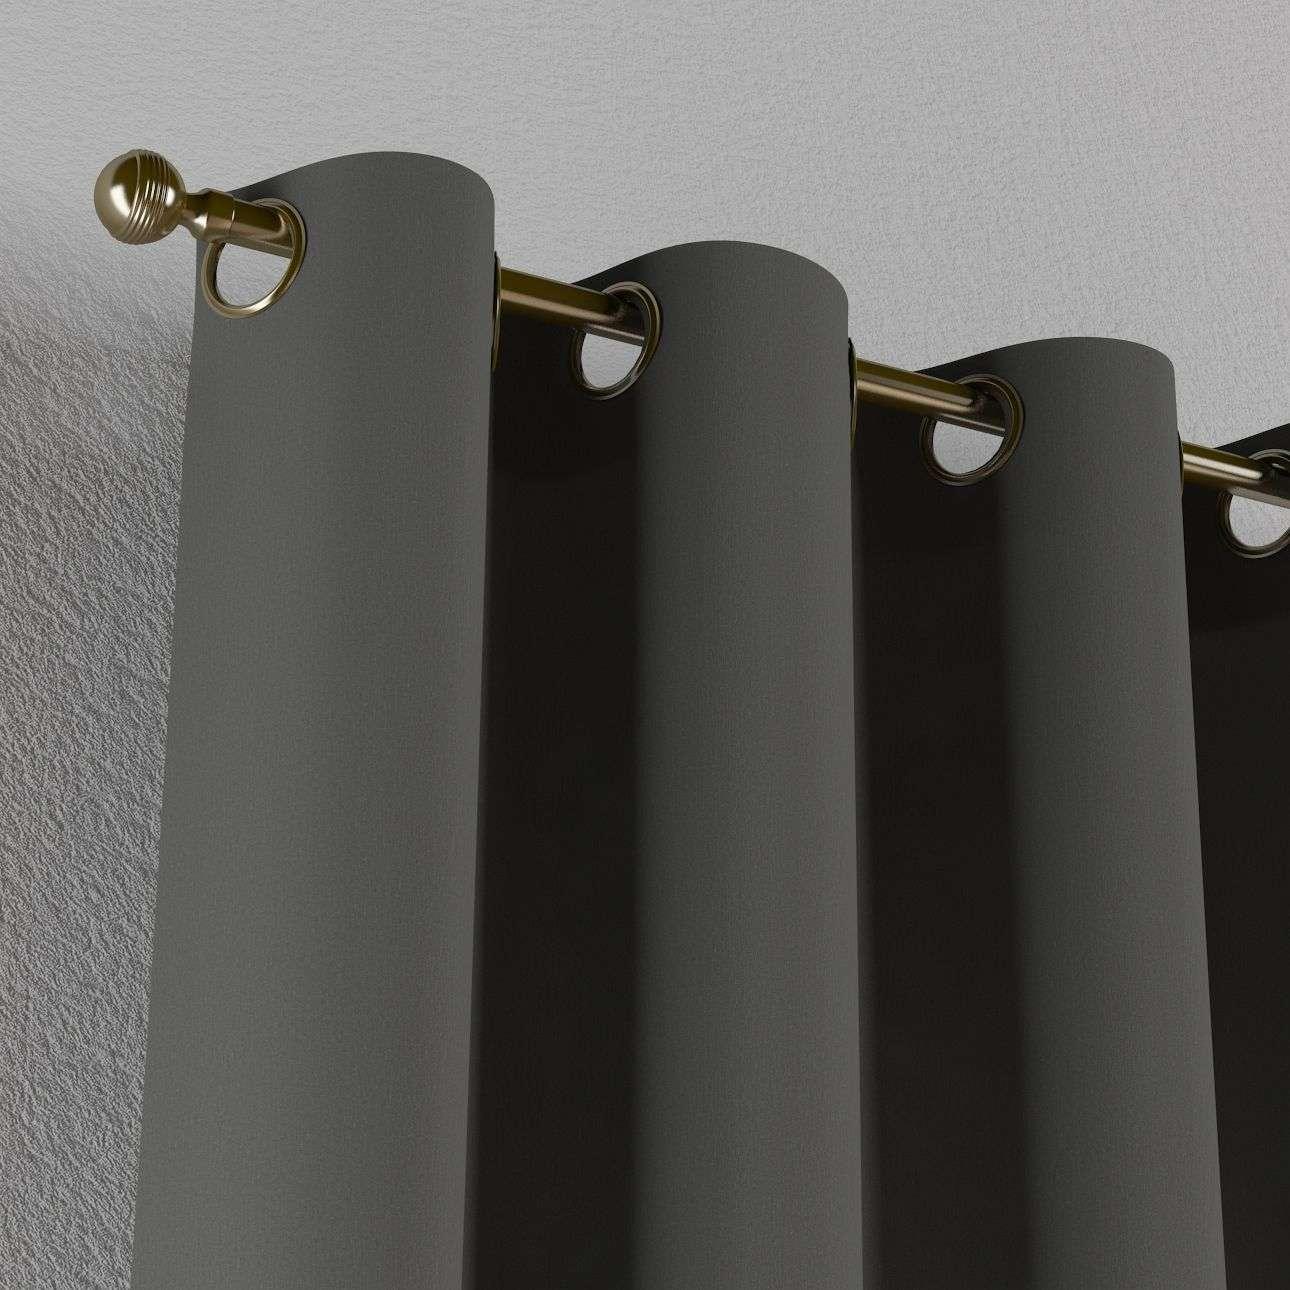 Zasłona na kółkach 1 szt. 1szt 130x260 cm w kolekcji Quadro, tkanina: 136-14